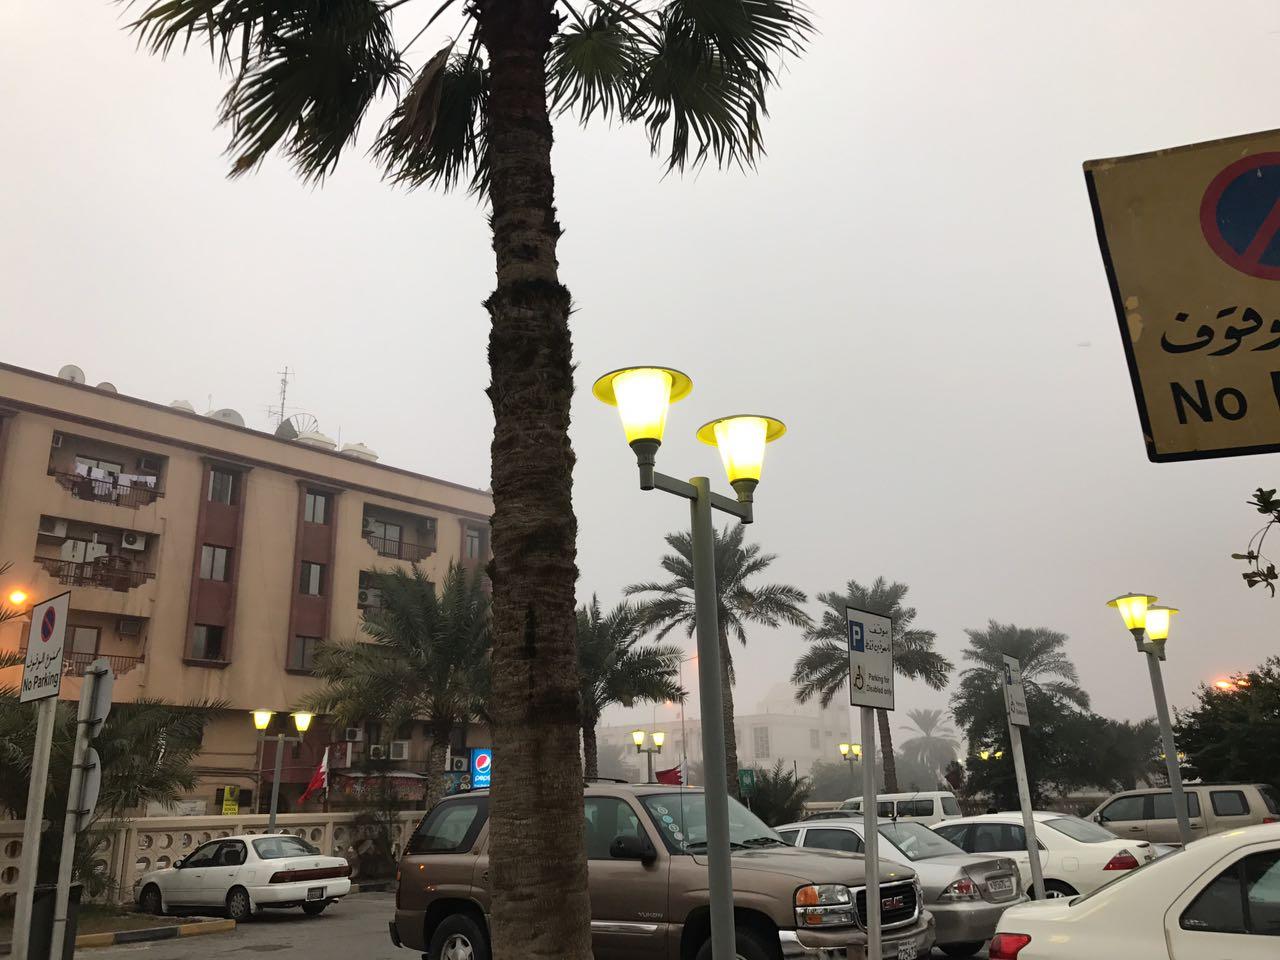 الضباب يغطي سماء البحرين. تصوير: محمد موسى